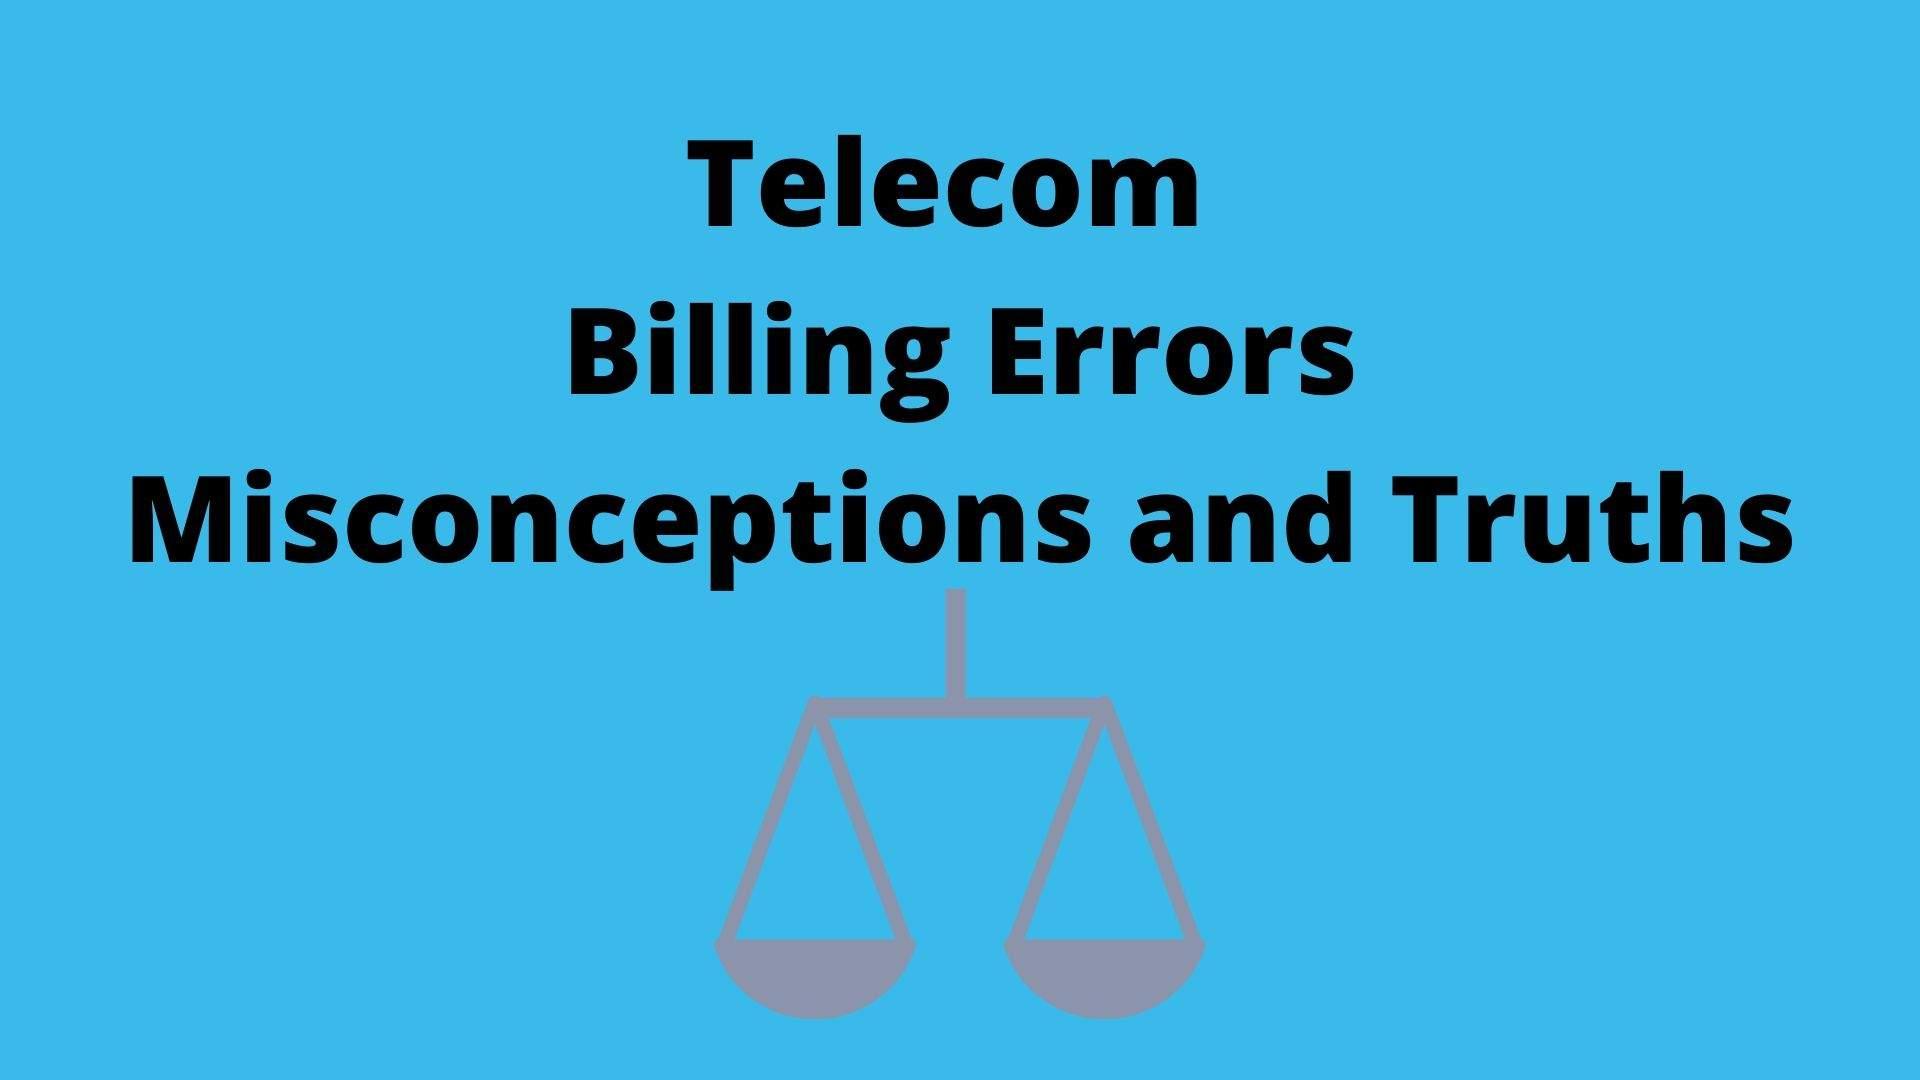 Telecom Billing Error Misconceptions